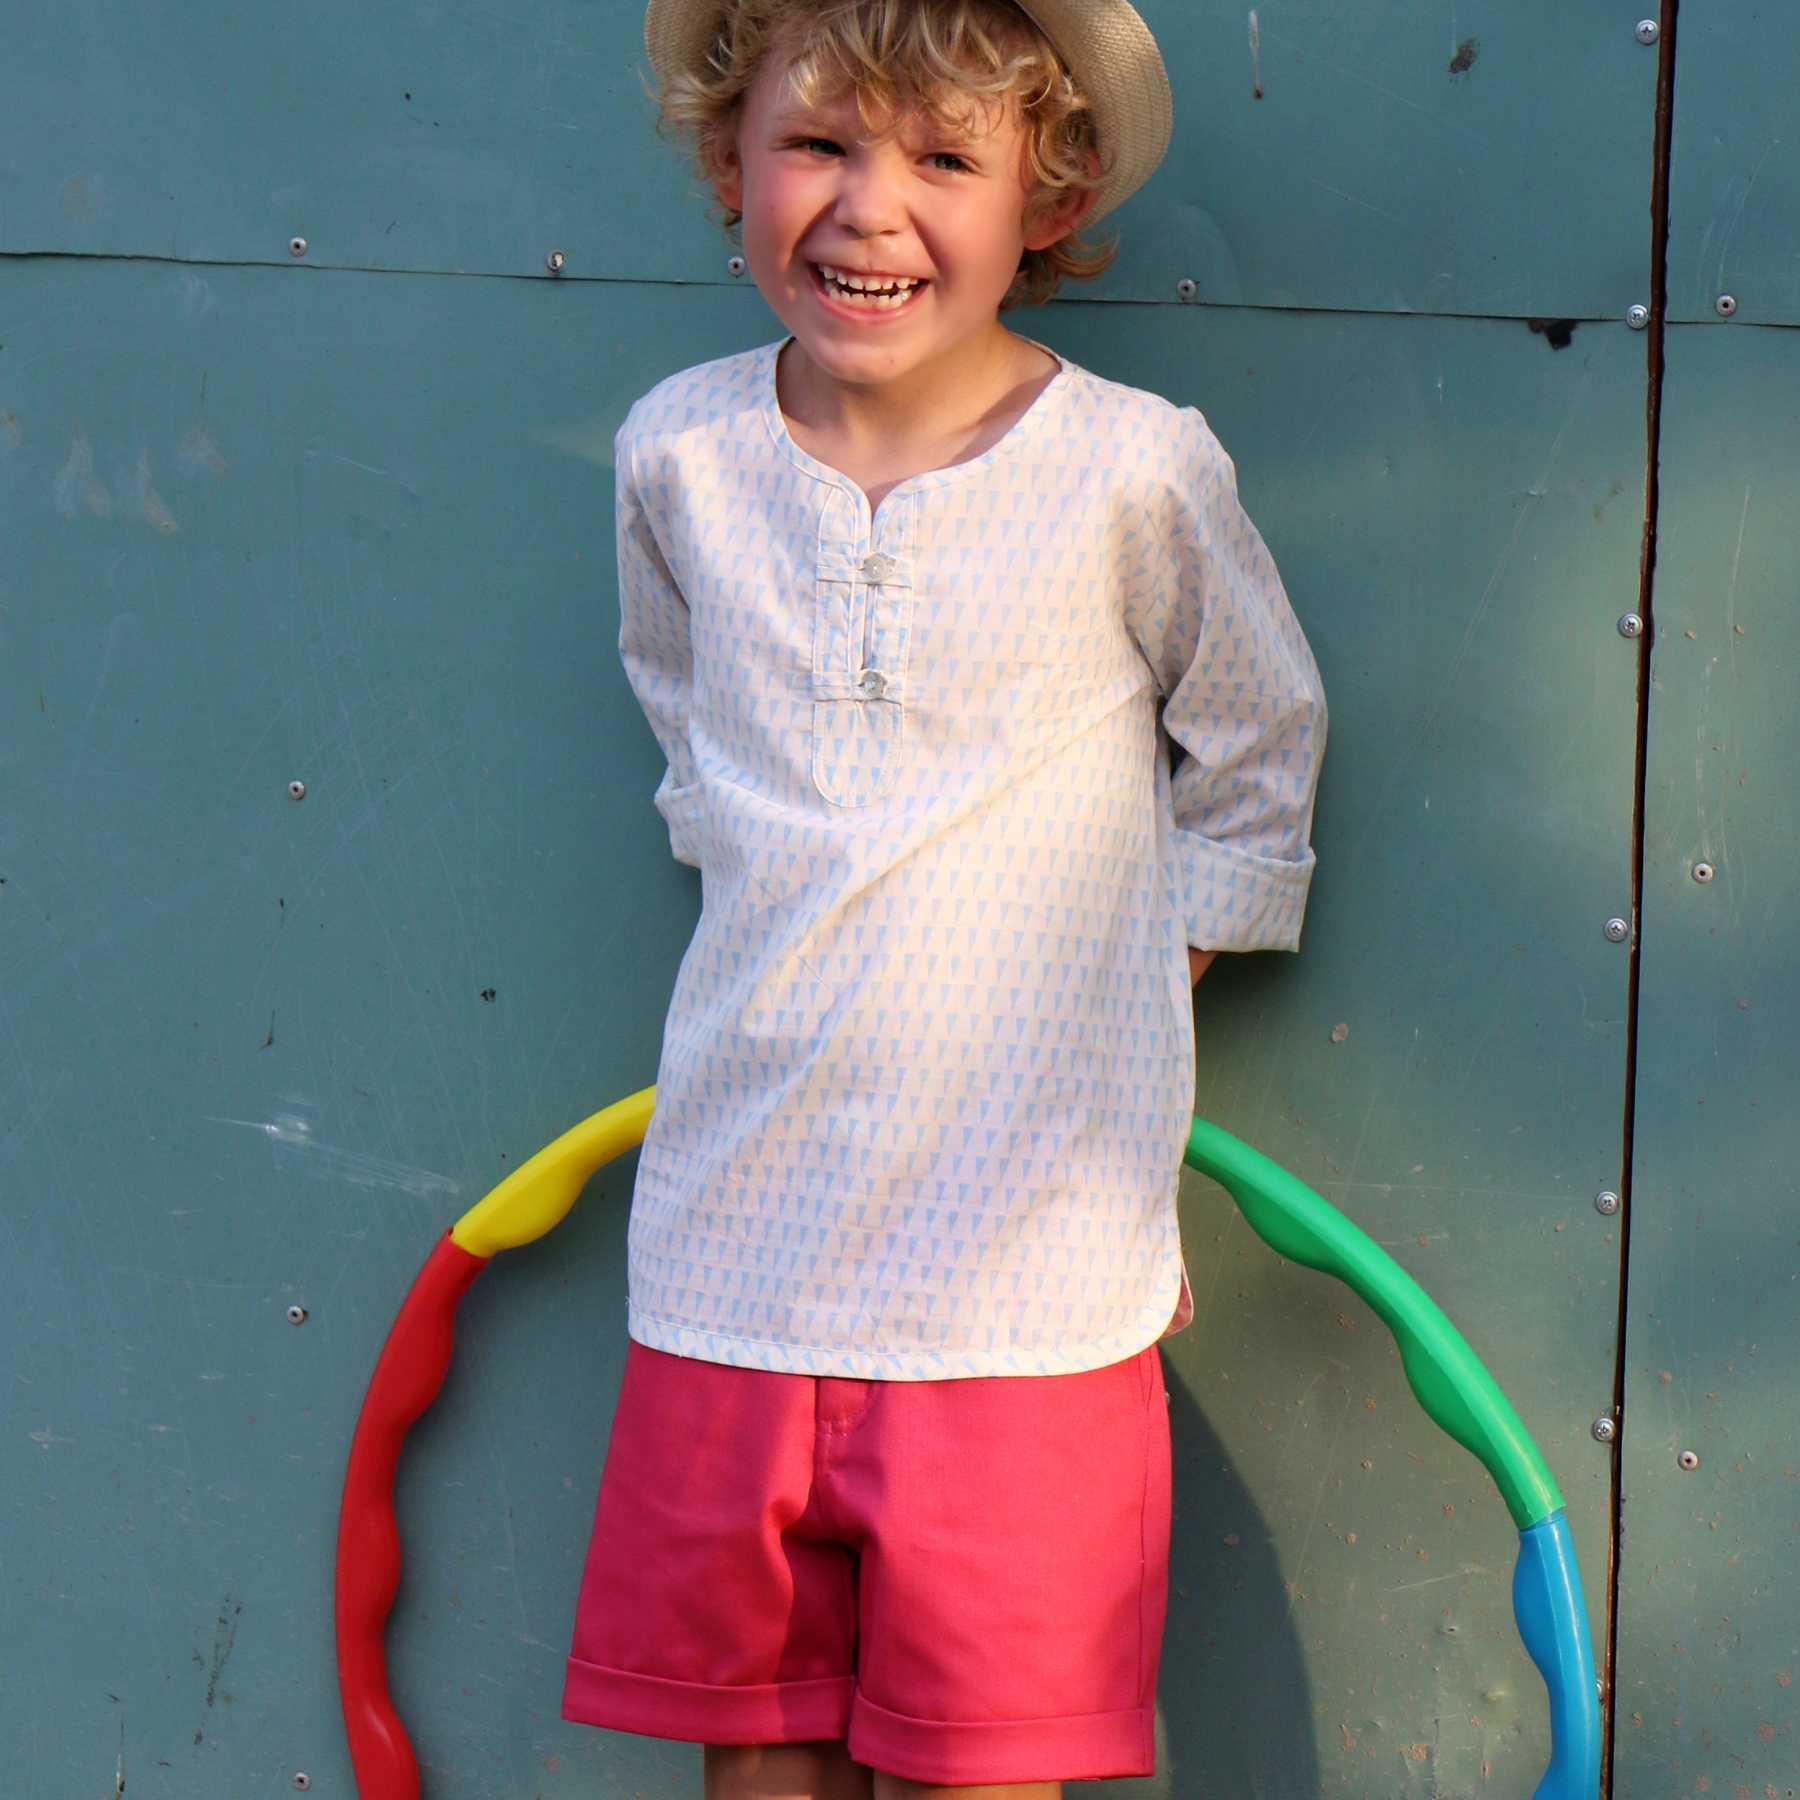 chemise été blanche et bleu ciel à manche longue et col rond pour garçons de 2 à 12 ans. Mode Française pour enfant LA FAUTE A VOLTAIRE